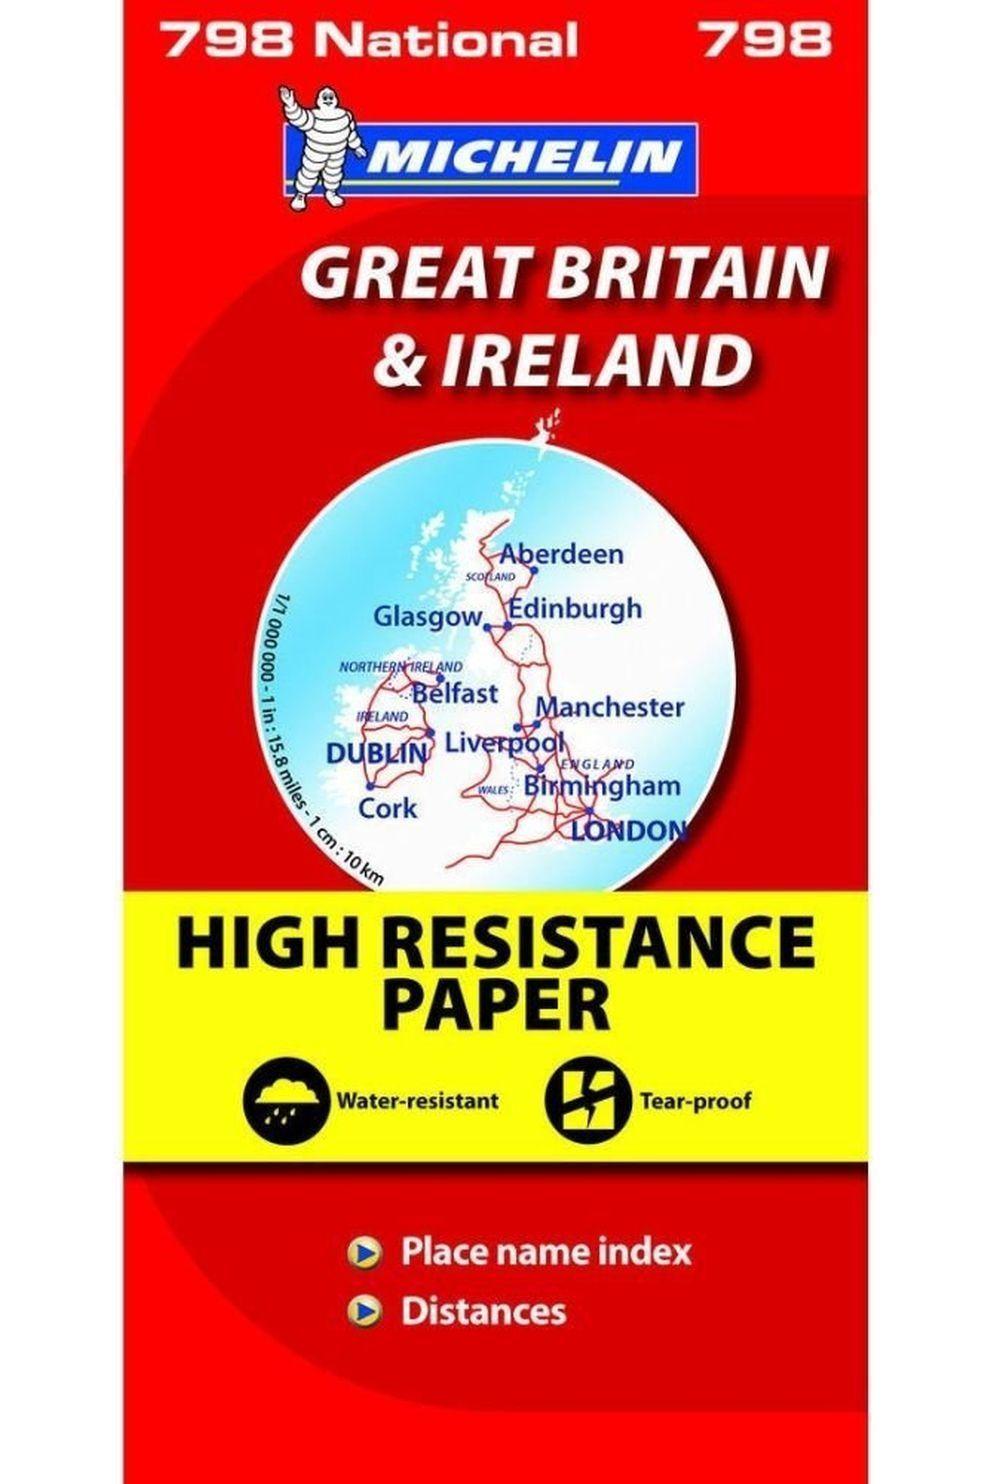 Michelin Gr. Brittannië & Ierland wp 798 mich (r) - 2016